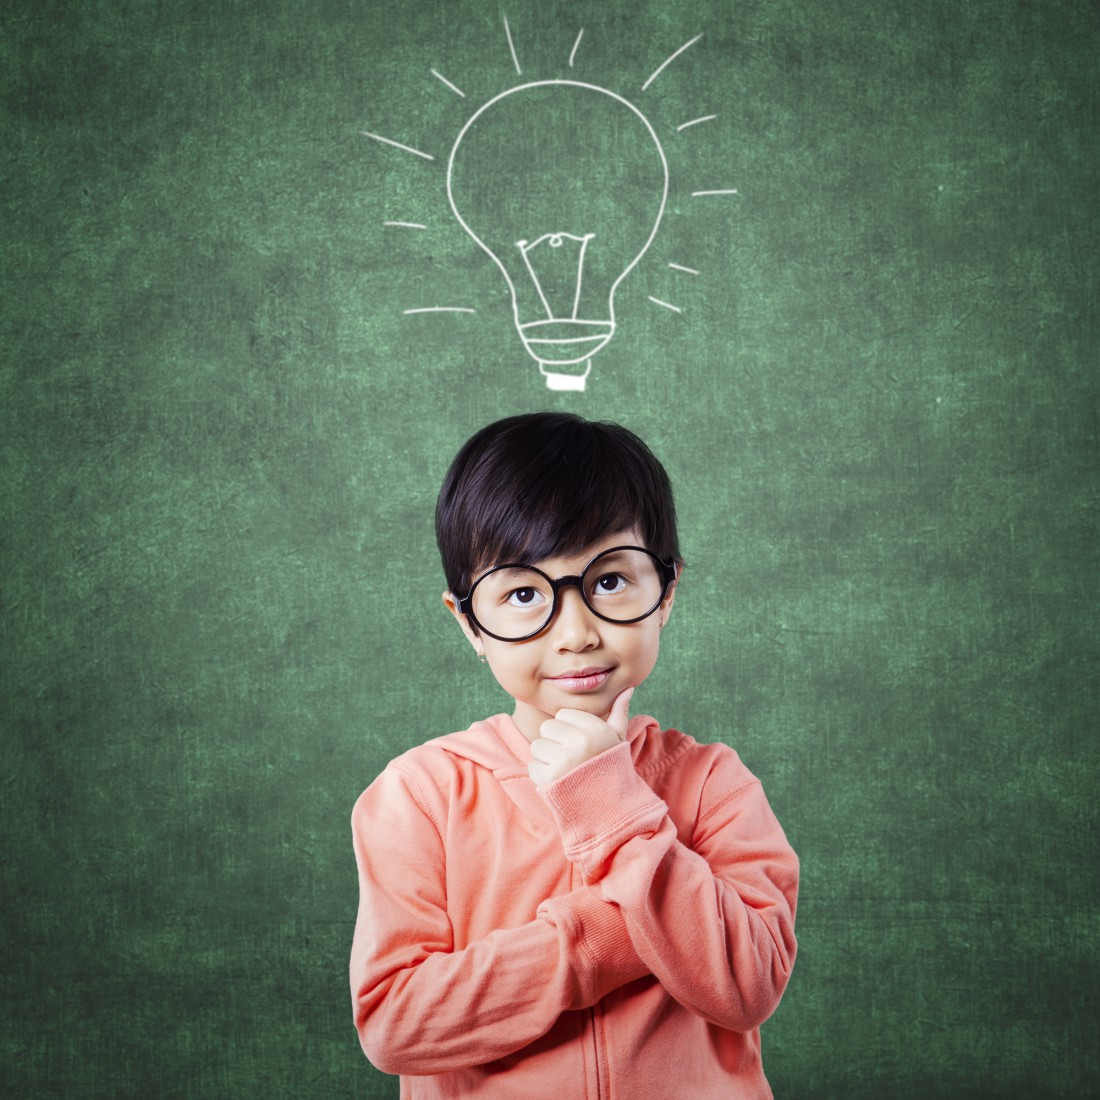 7 признаков того, что твой ребенок - творческий гений новые фото